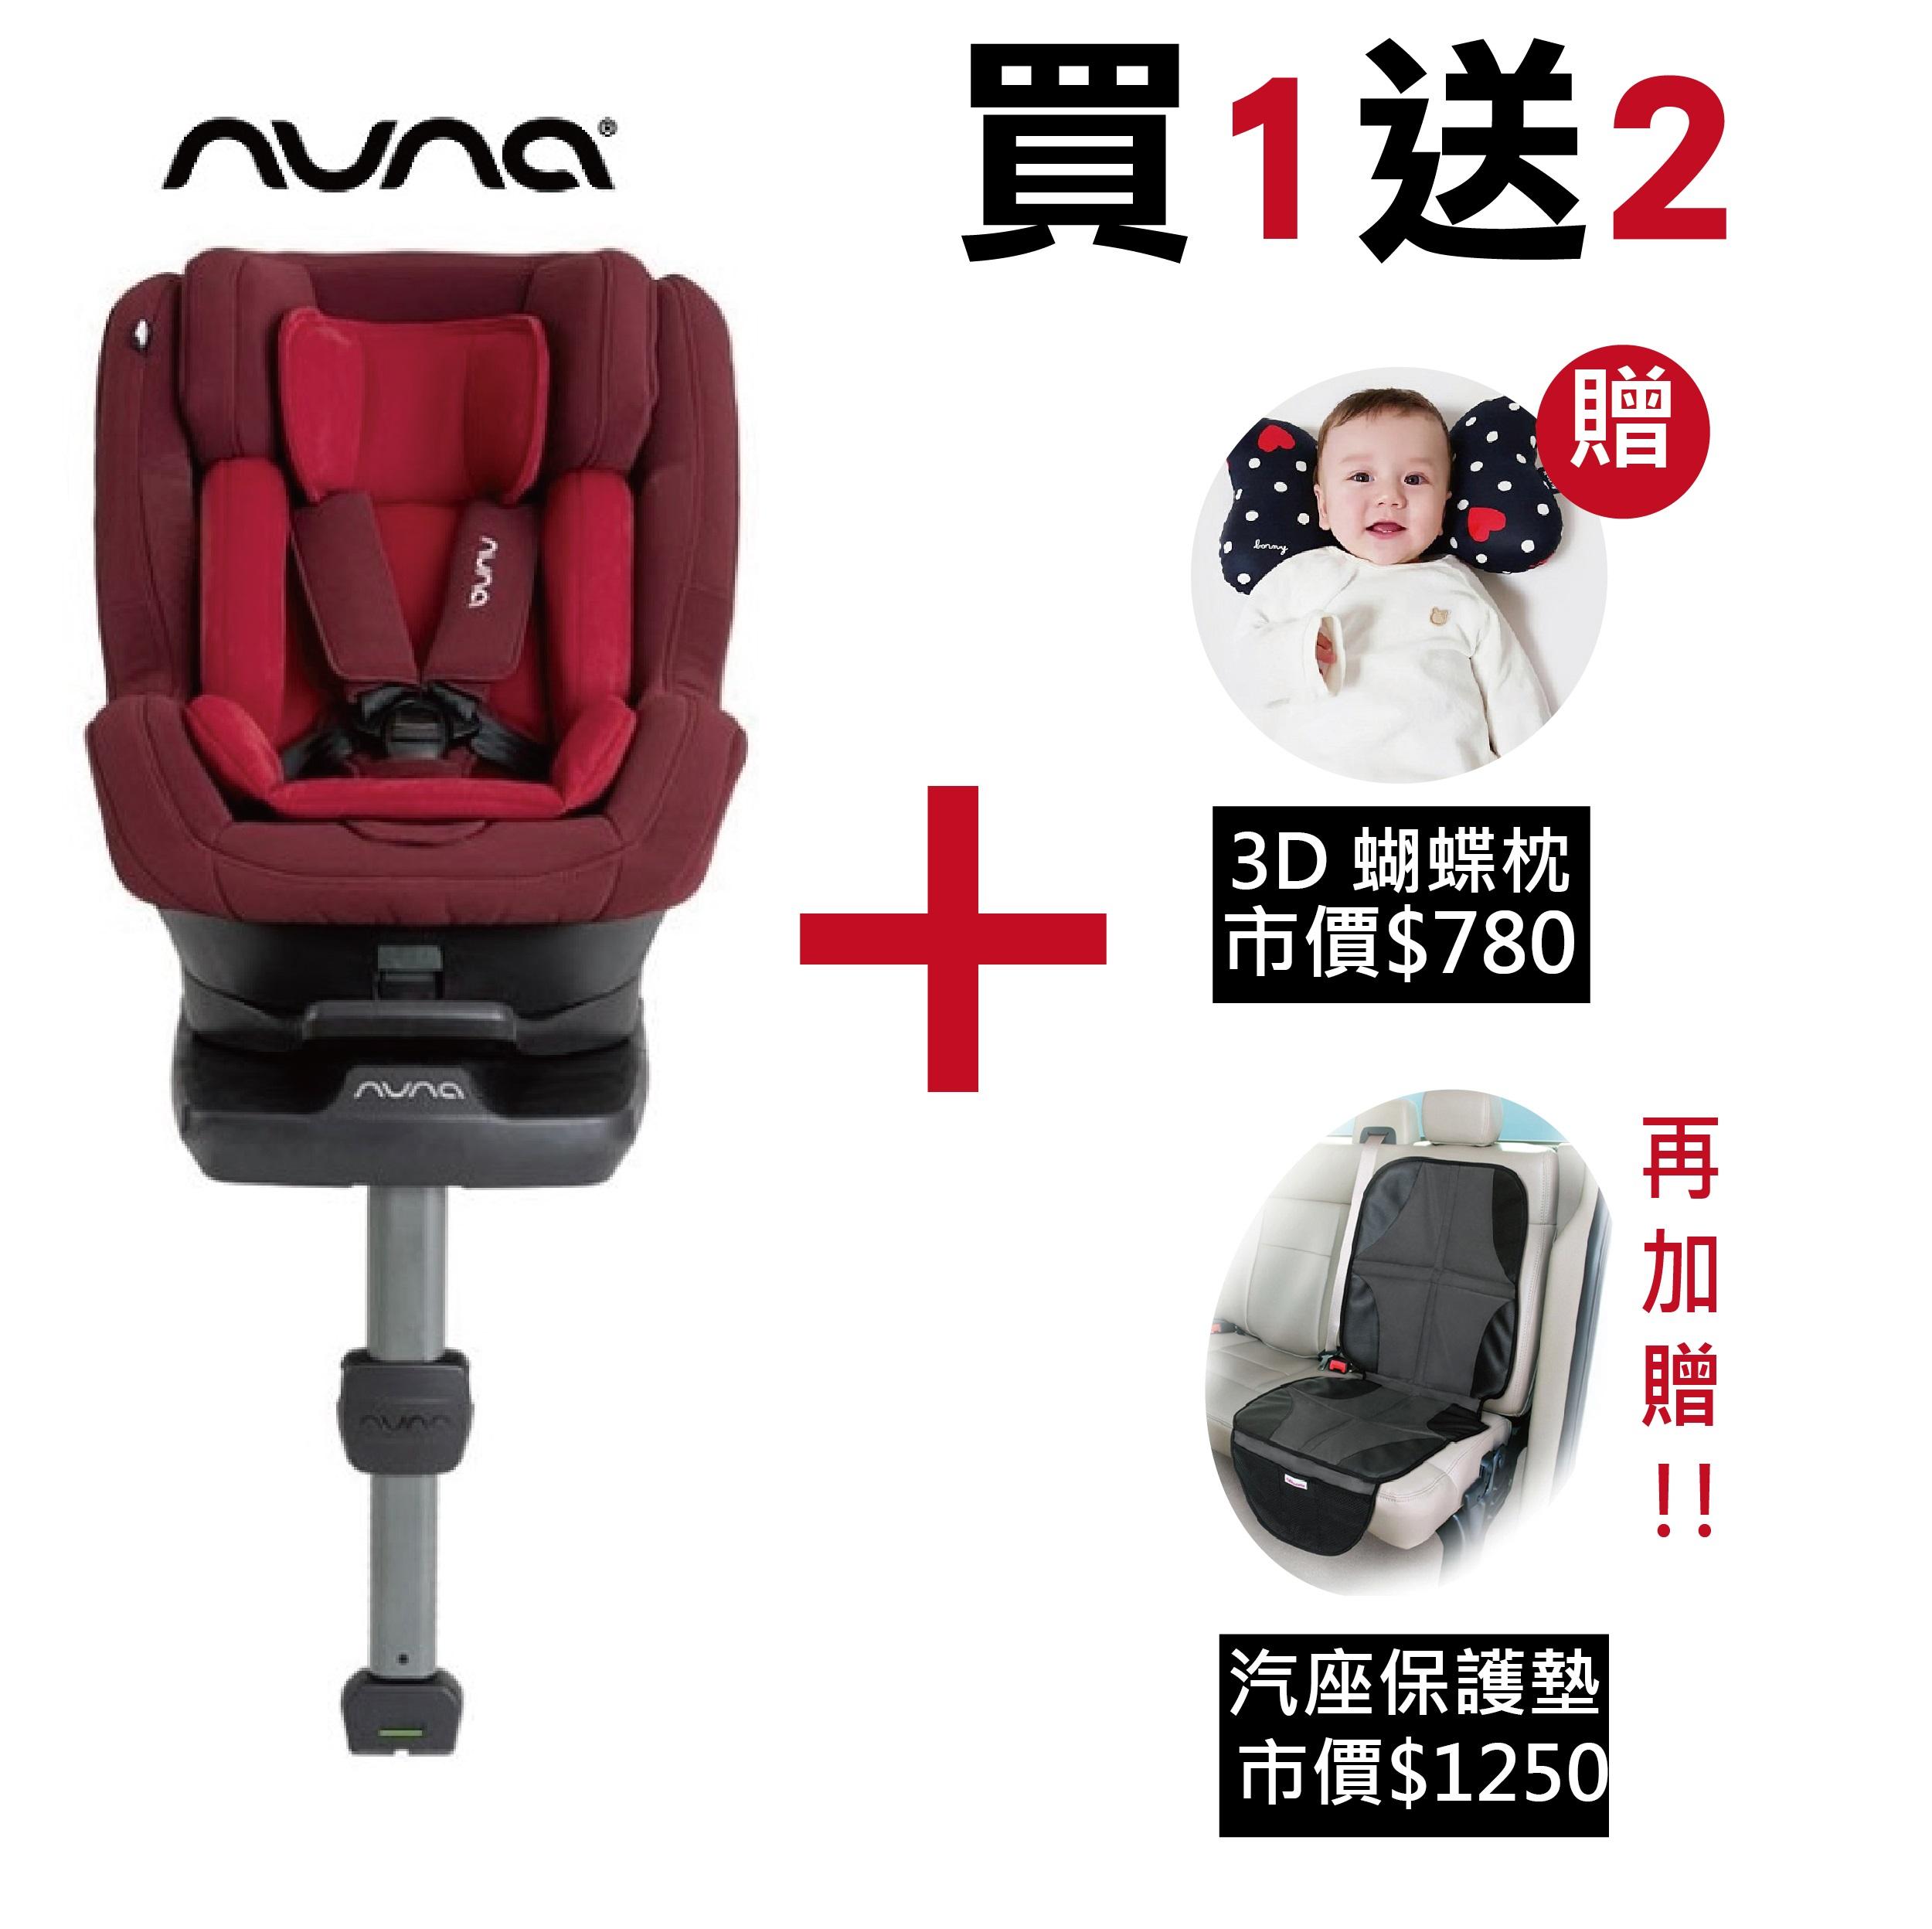 【限量贈borny蝴蝶枕&汽座保護墊!!】荷蘭【Nuna】rebl 兒童安全座椅-紅色